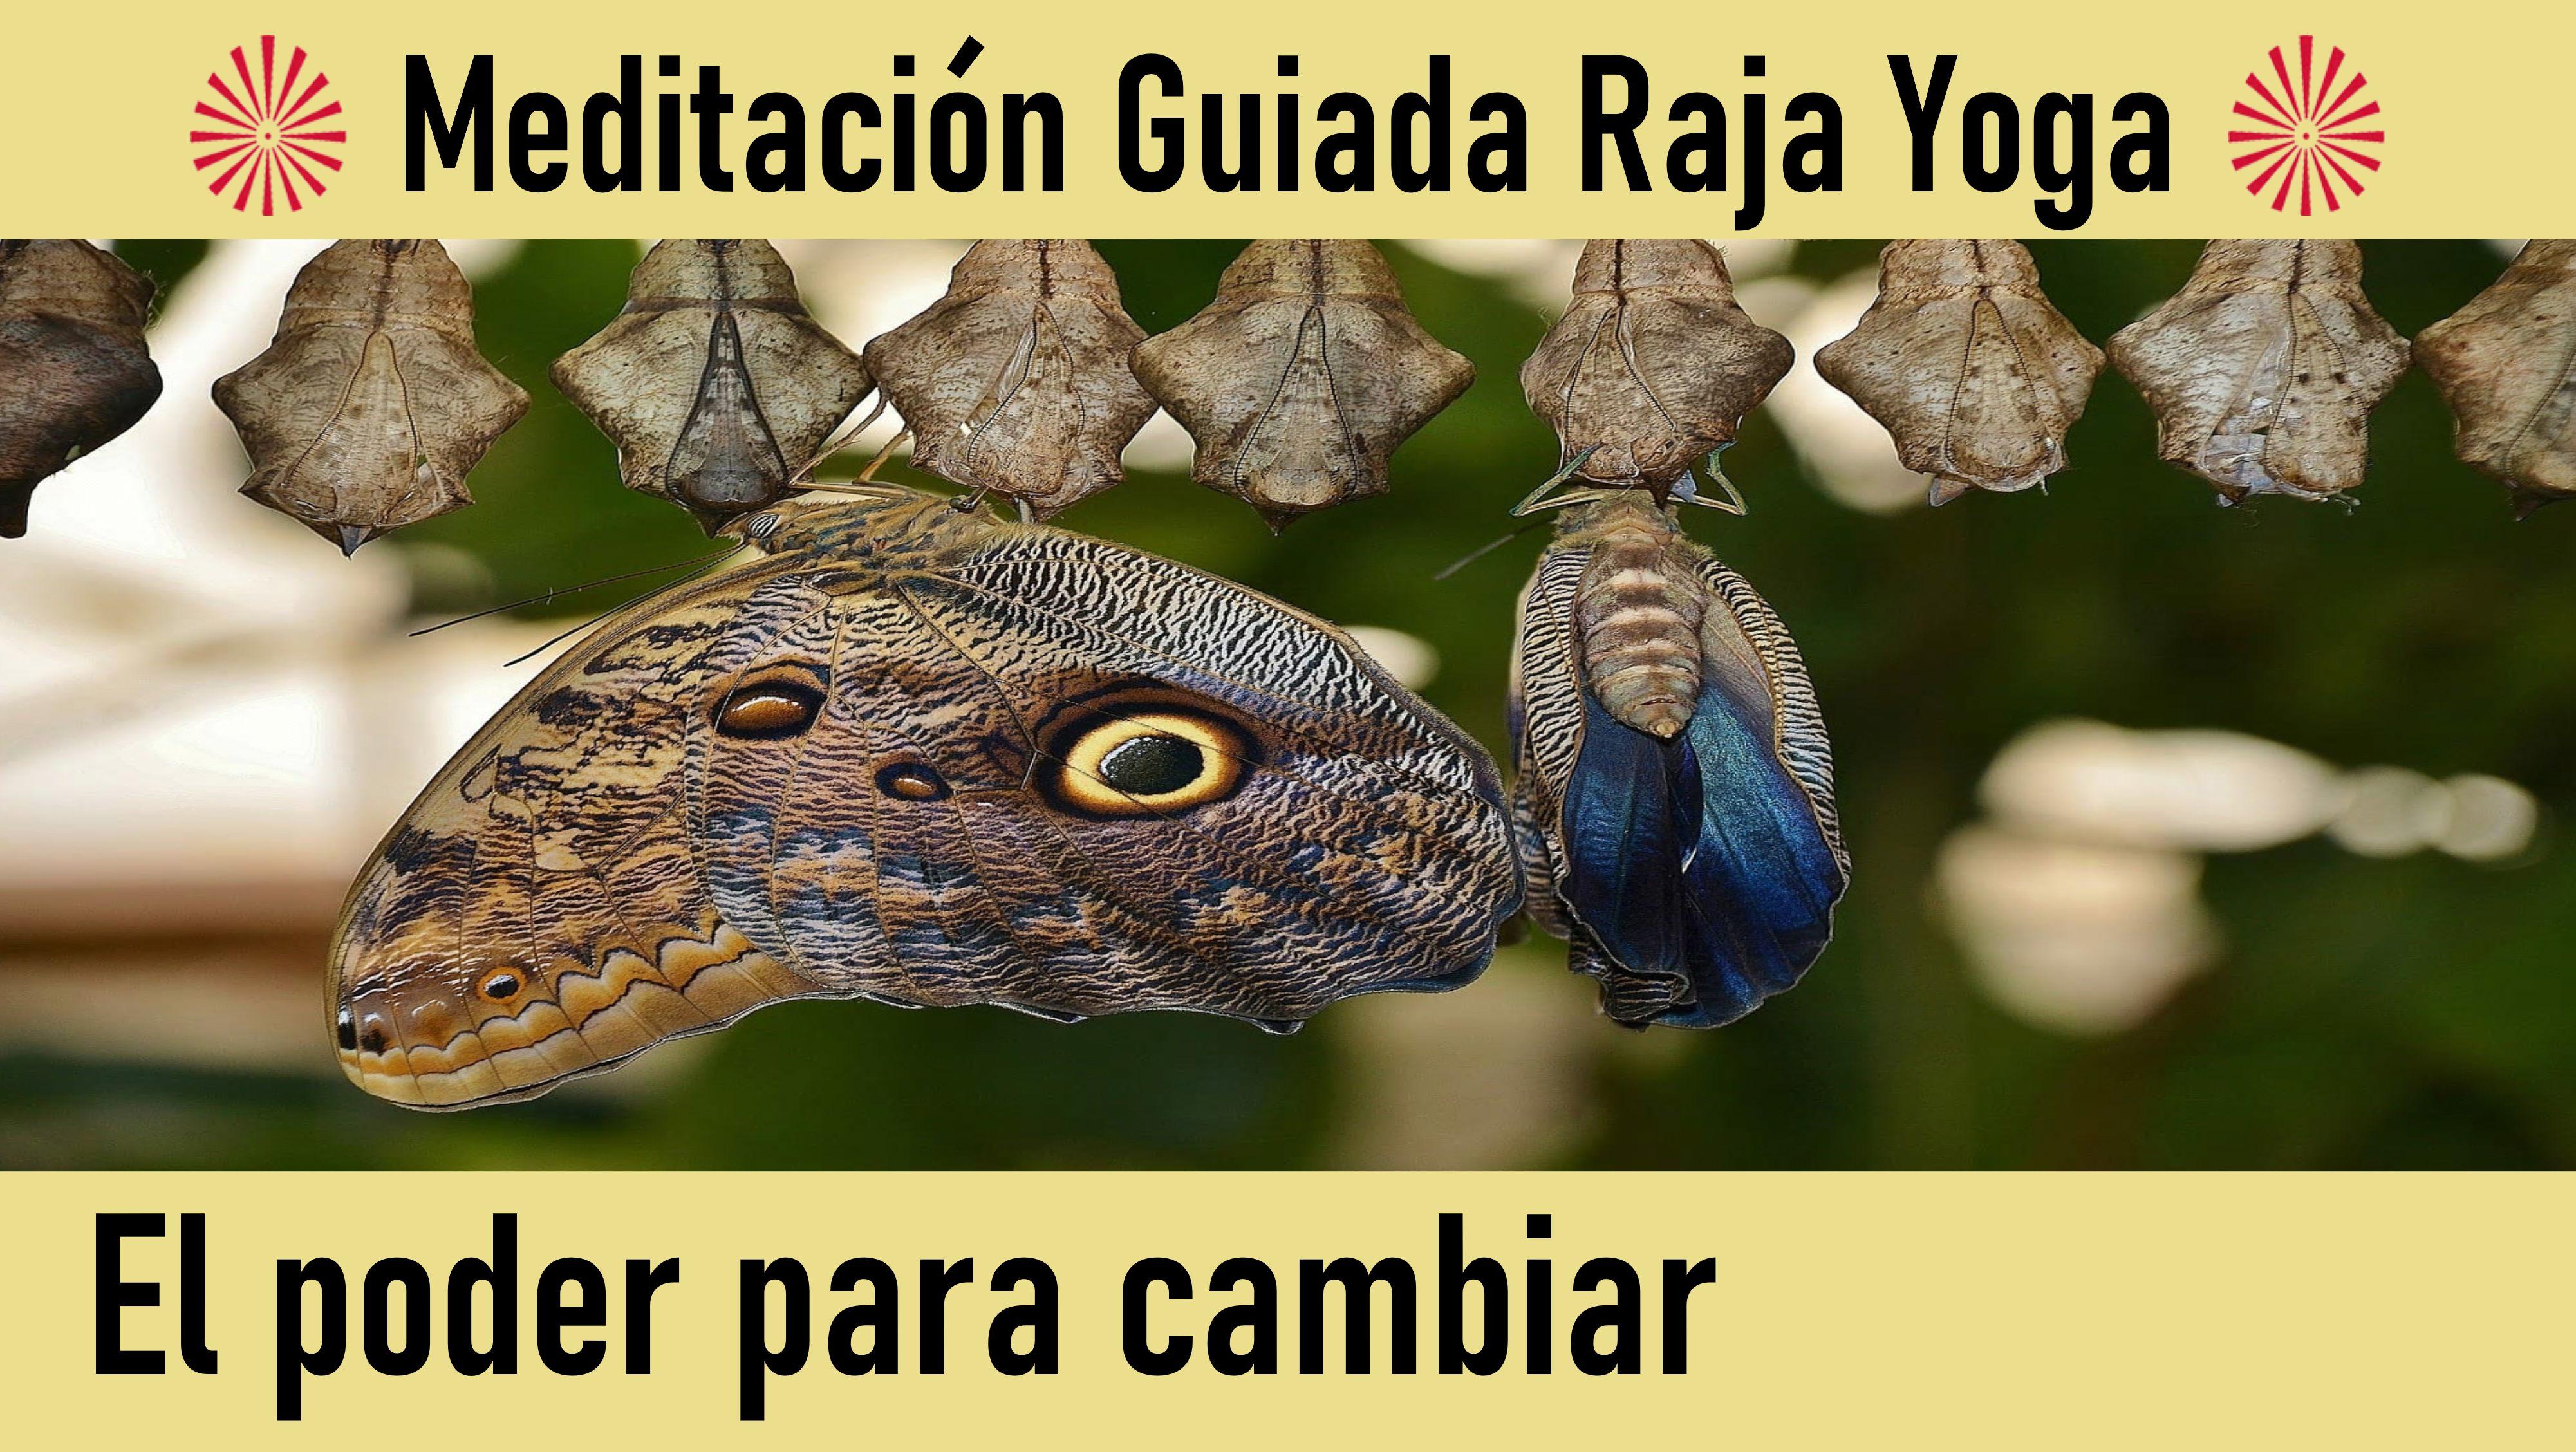 Meditación Raja Yoga: El poder para cambiar (2 Junio 2020) On-line desde Canarias